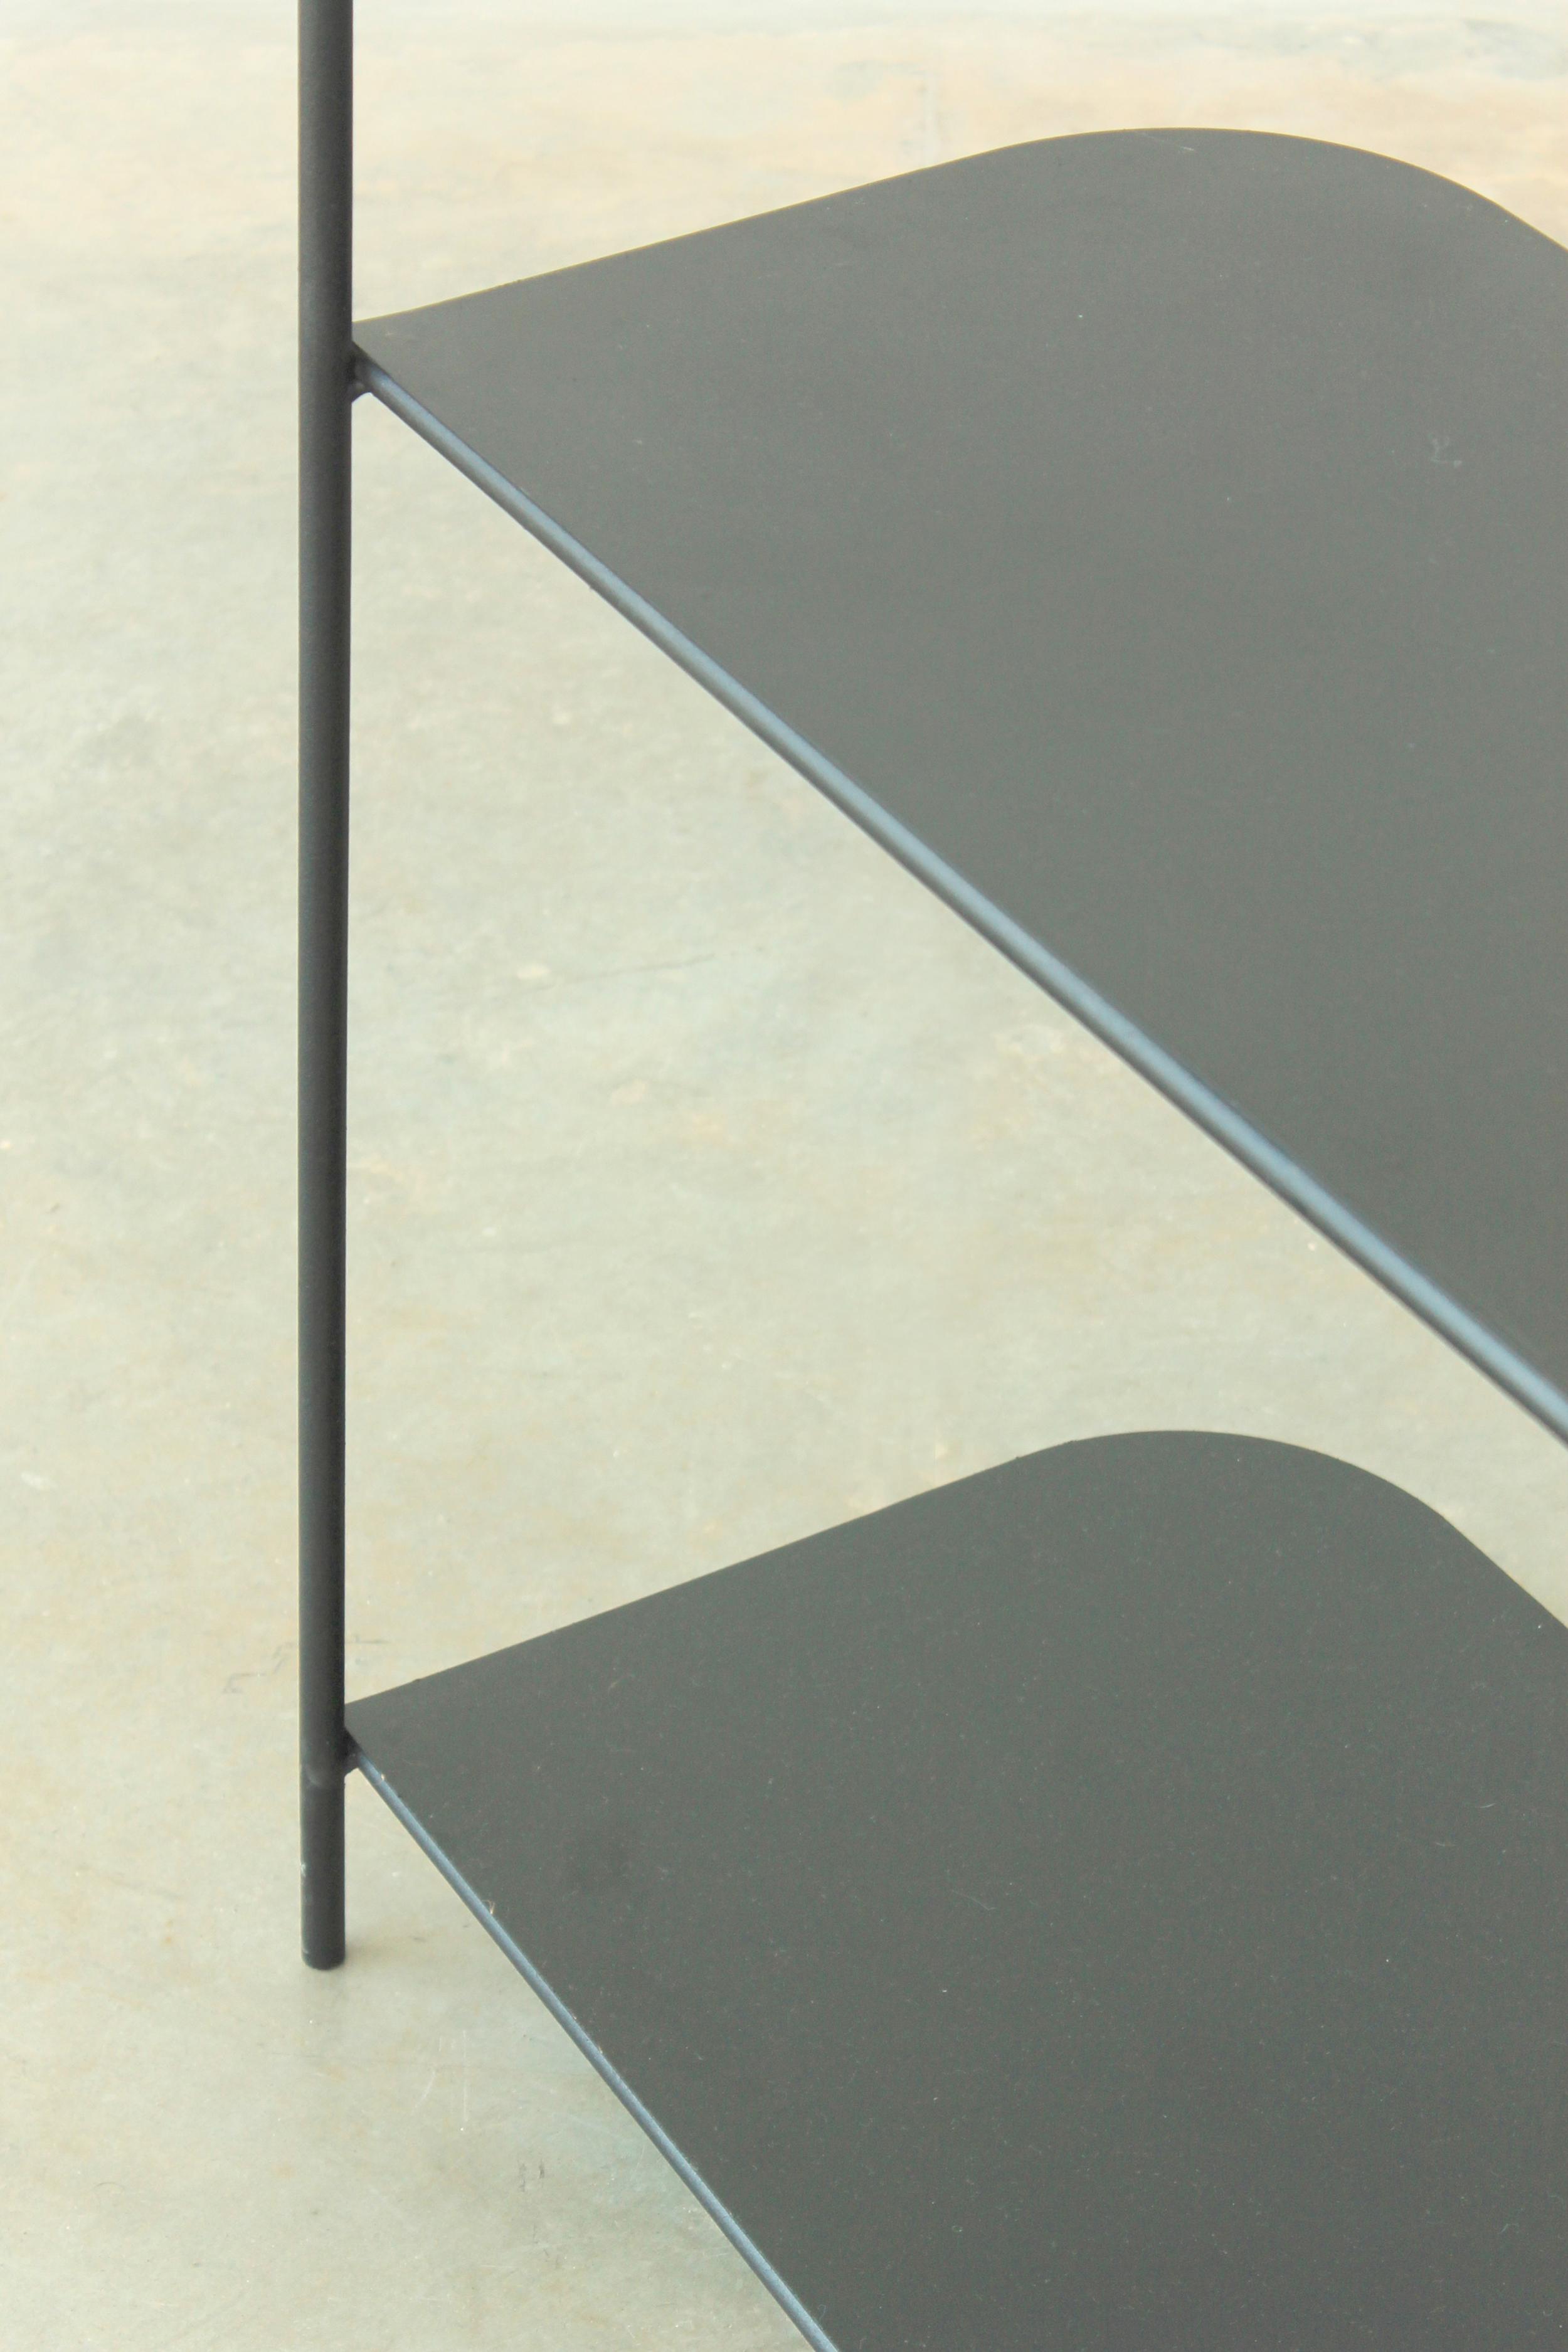 PY3   Estructura de varilla metálica Ø10mm  Dimensiones:  Módulos - 2200 x 1400 x 500  Terminación: pintura a horno